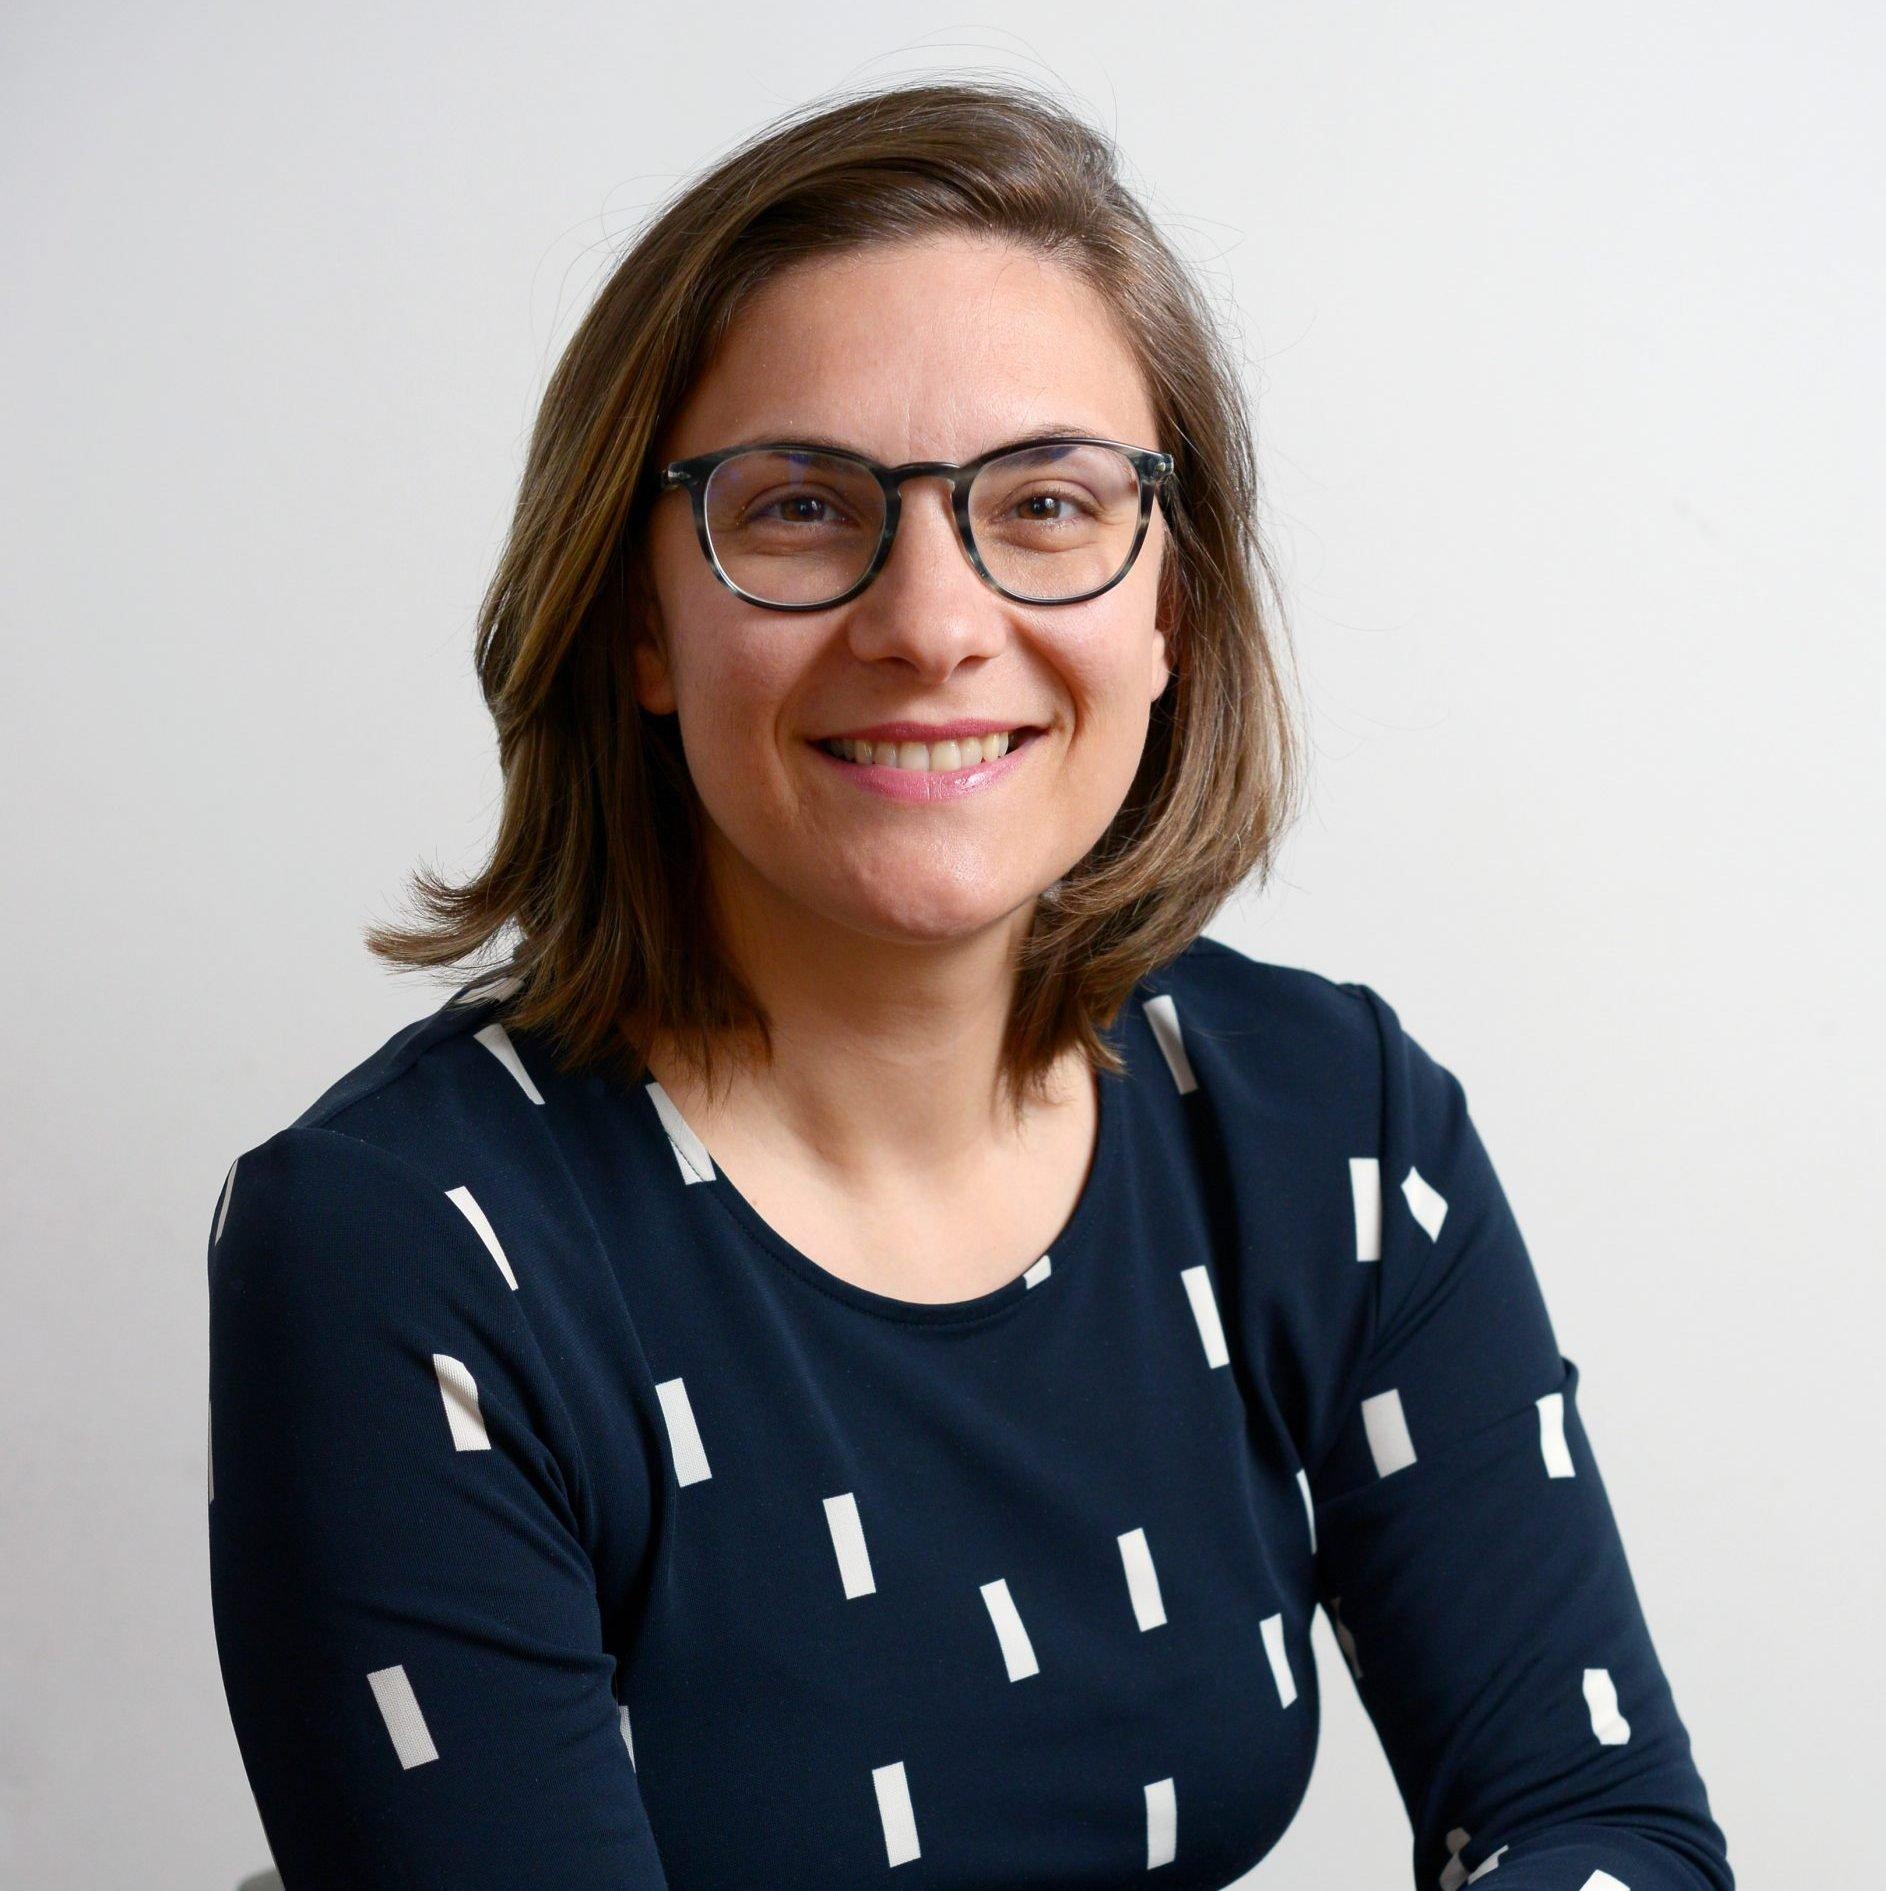 Zornitsa Stoilova - Editorial Director at The Recursive